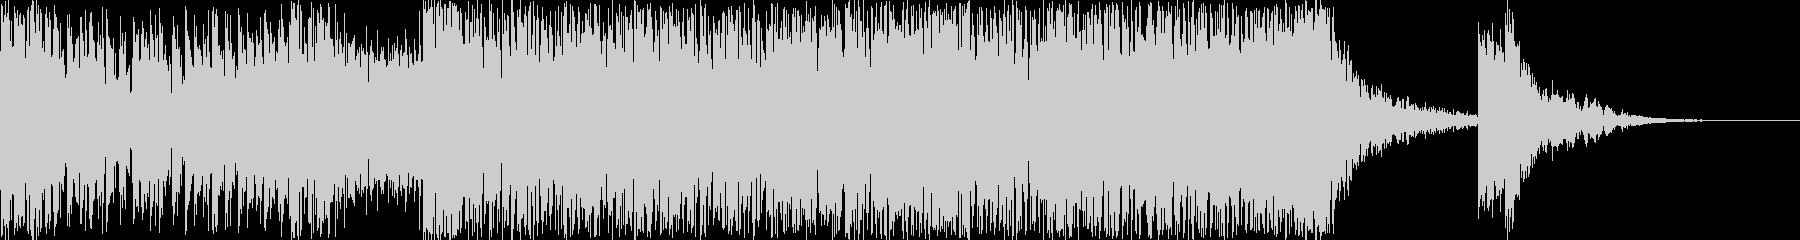 ハリウッド風トレイラー リズム主体02の未再生の波形